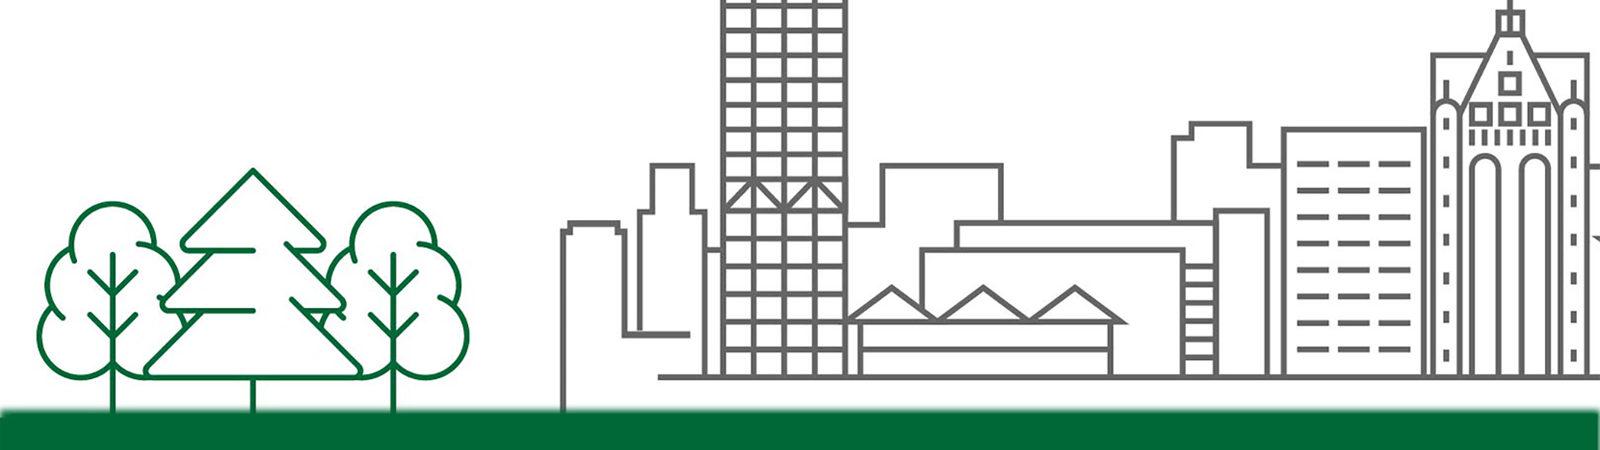 Milwaukee Schlitz Center skyline graphic